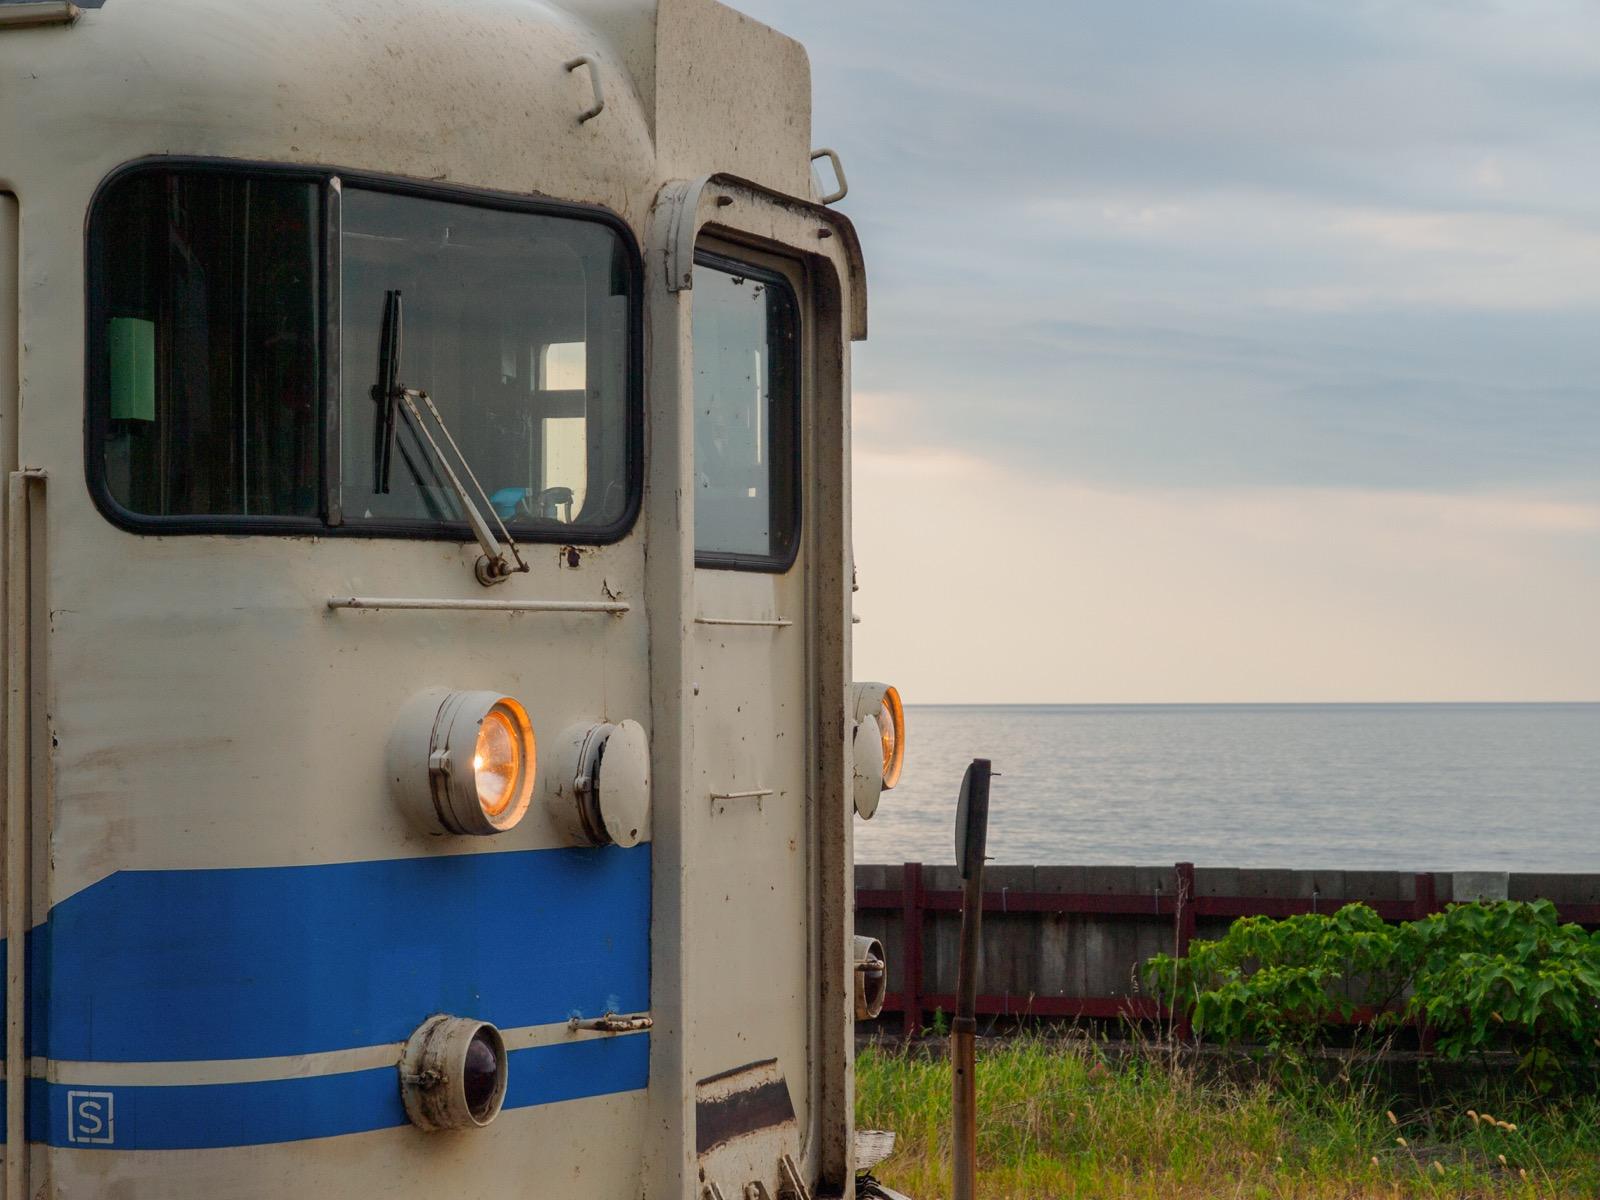 市振駅に停車する列車と日本海